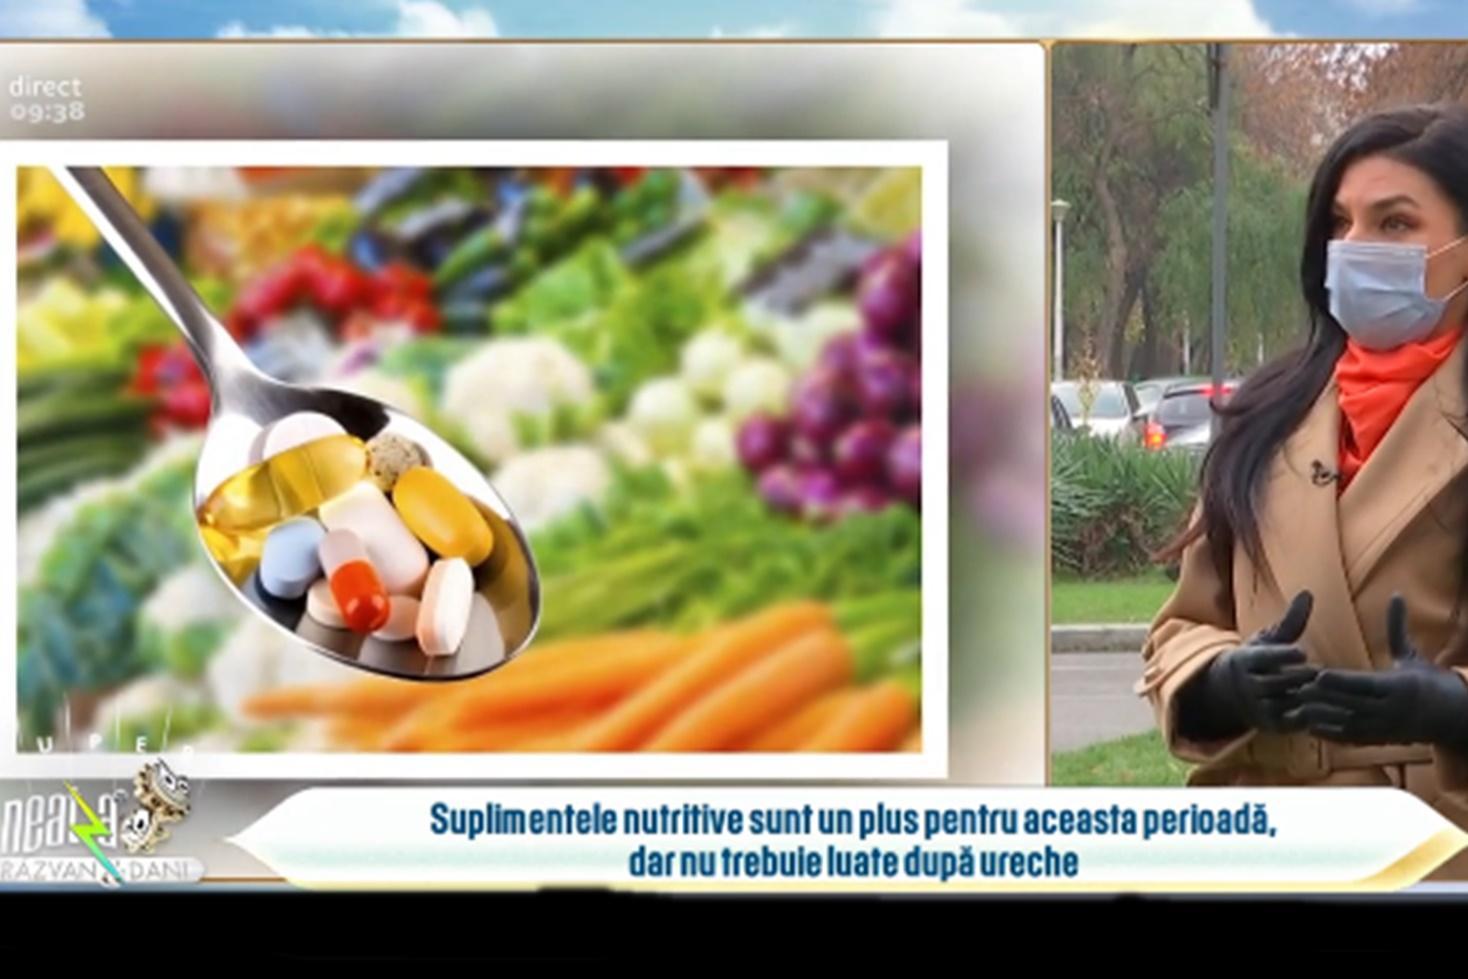 Tot ce ar trebui să știm despre suplimentele alimentare înainte de a le consuma